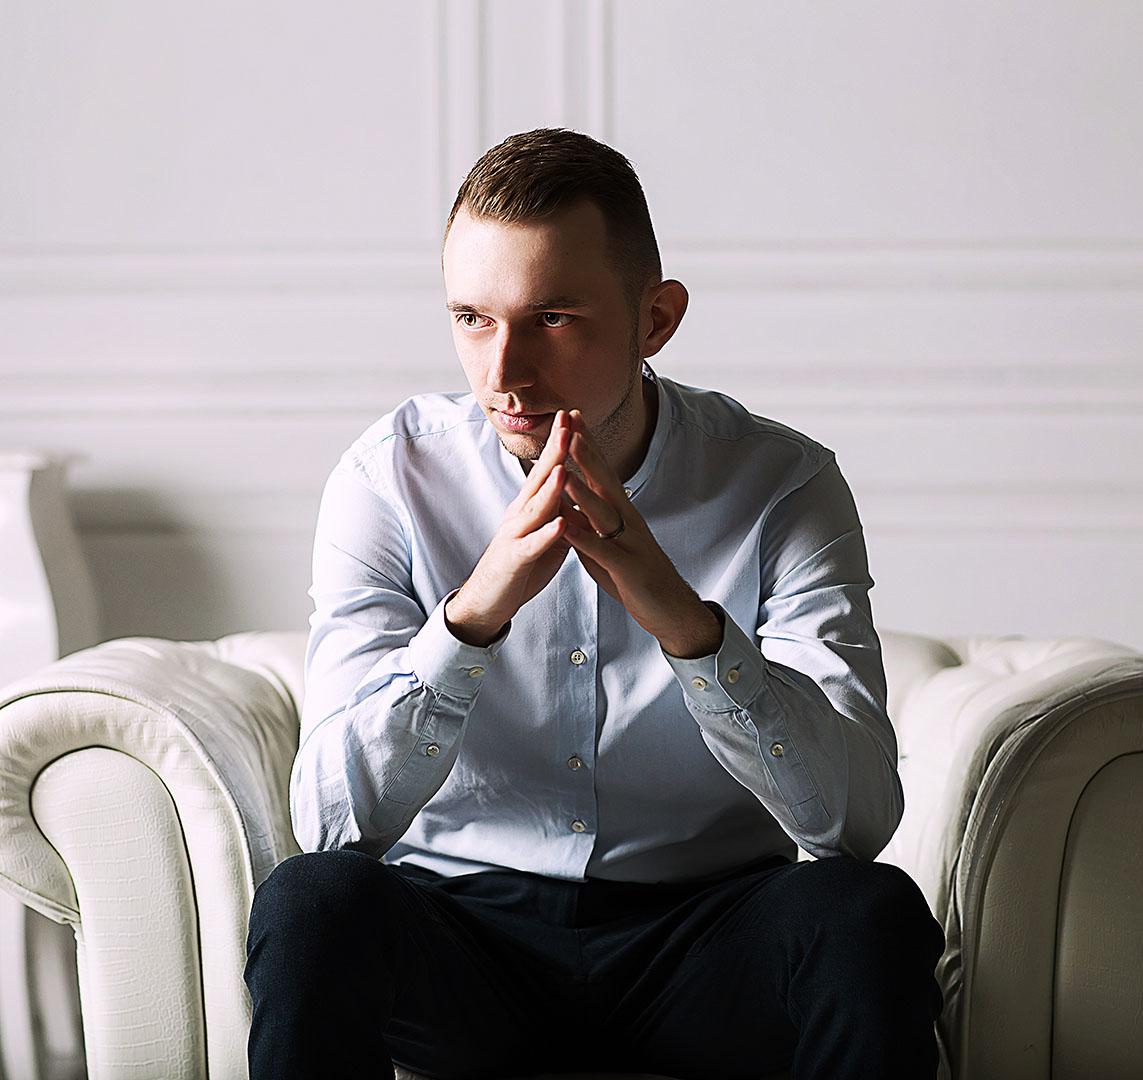 Владислав Комаров. Продвижение бизнеса без бюджета на примере локальной студии красоты